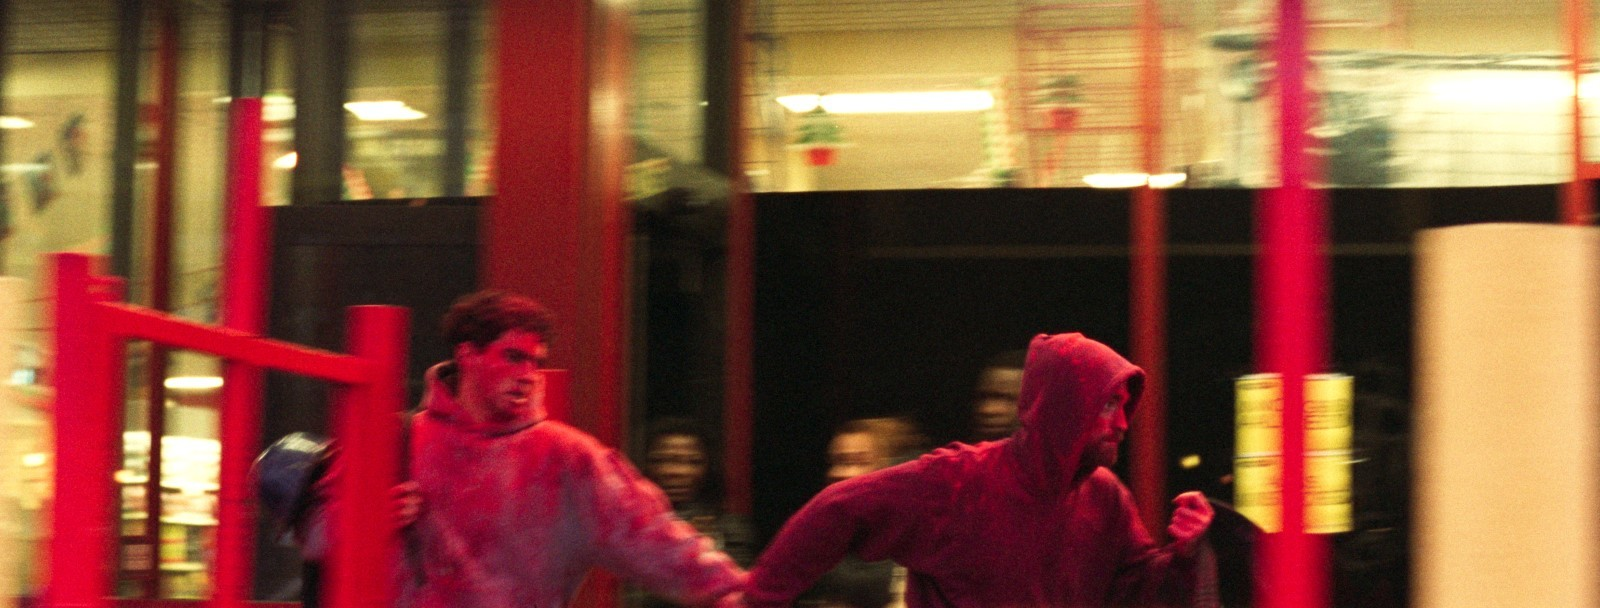 Soygun Türkçe Dublajlı Filmi indir Ekran Görüntüsü 2